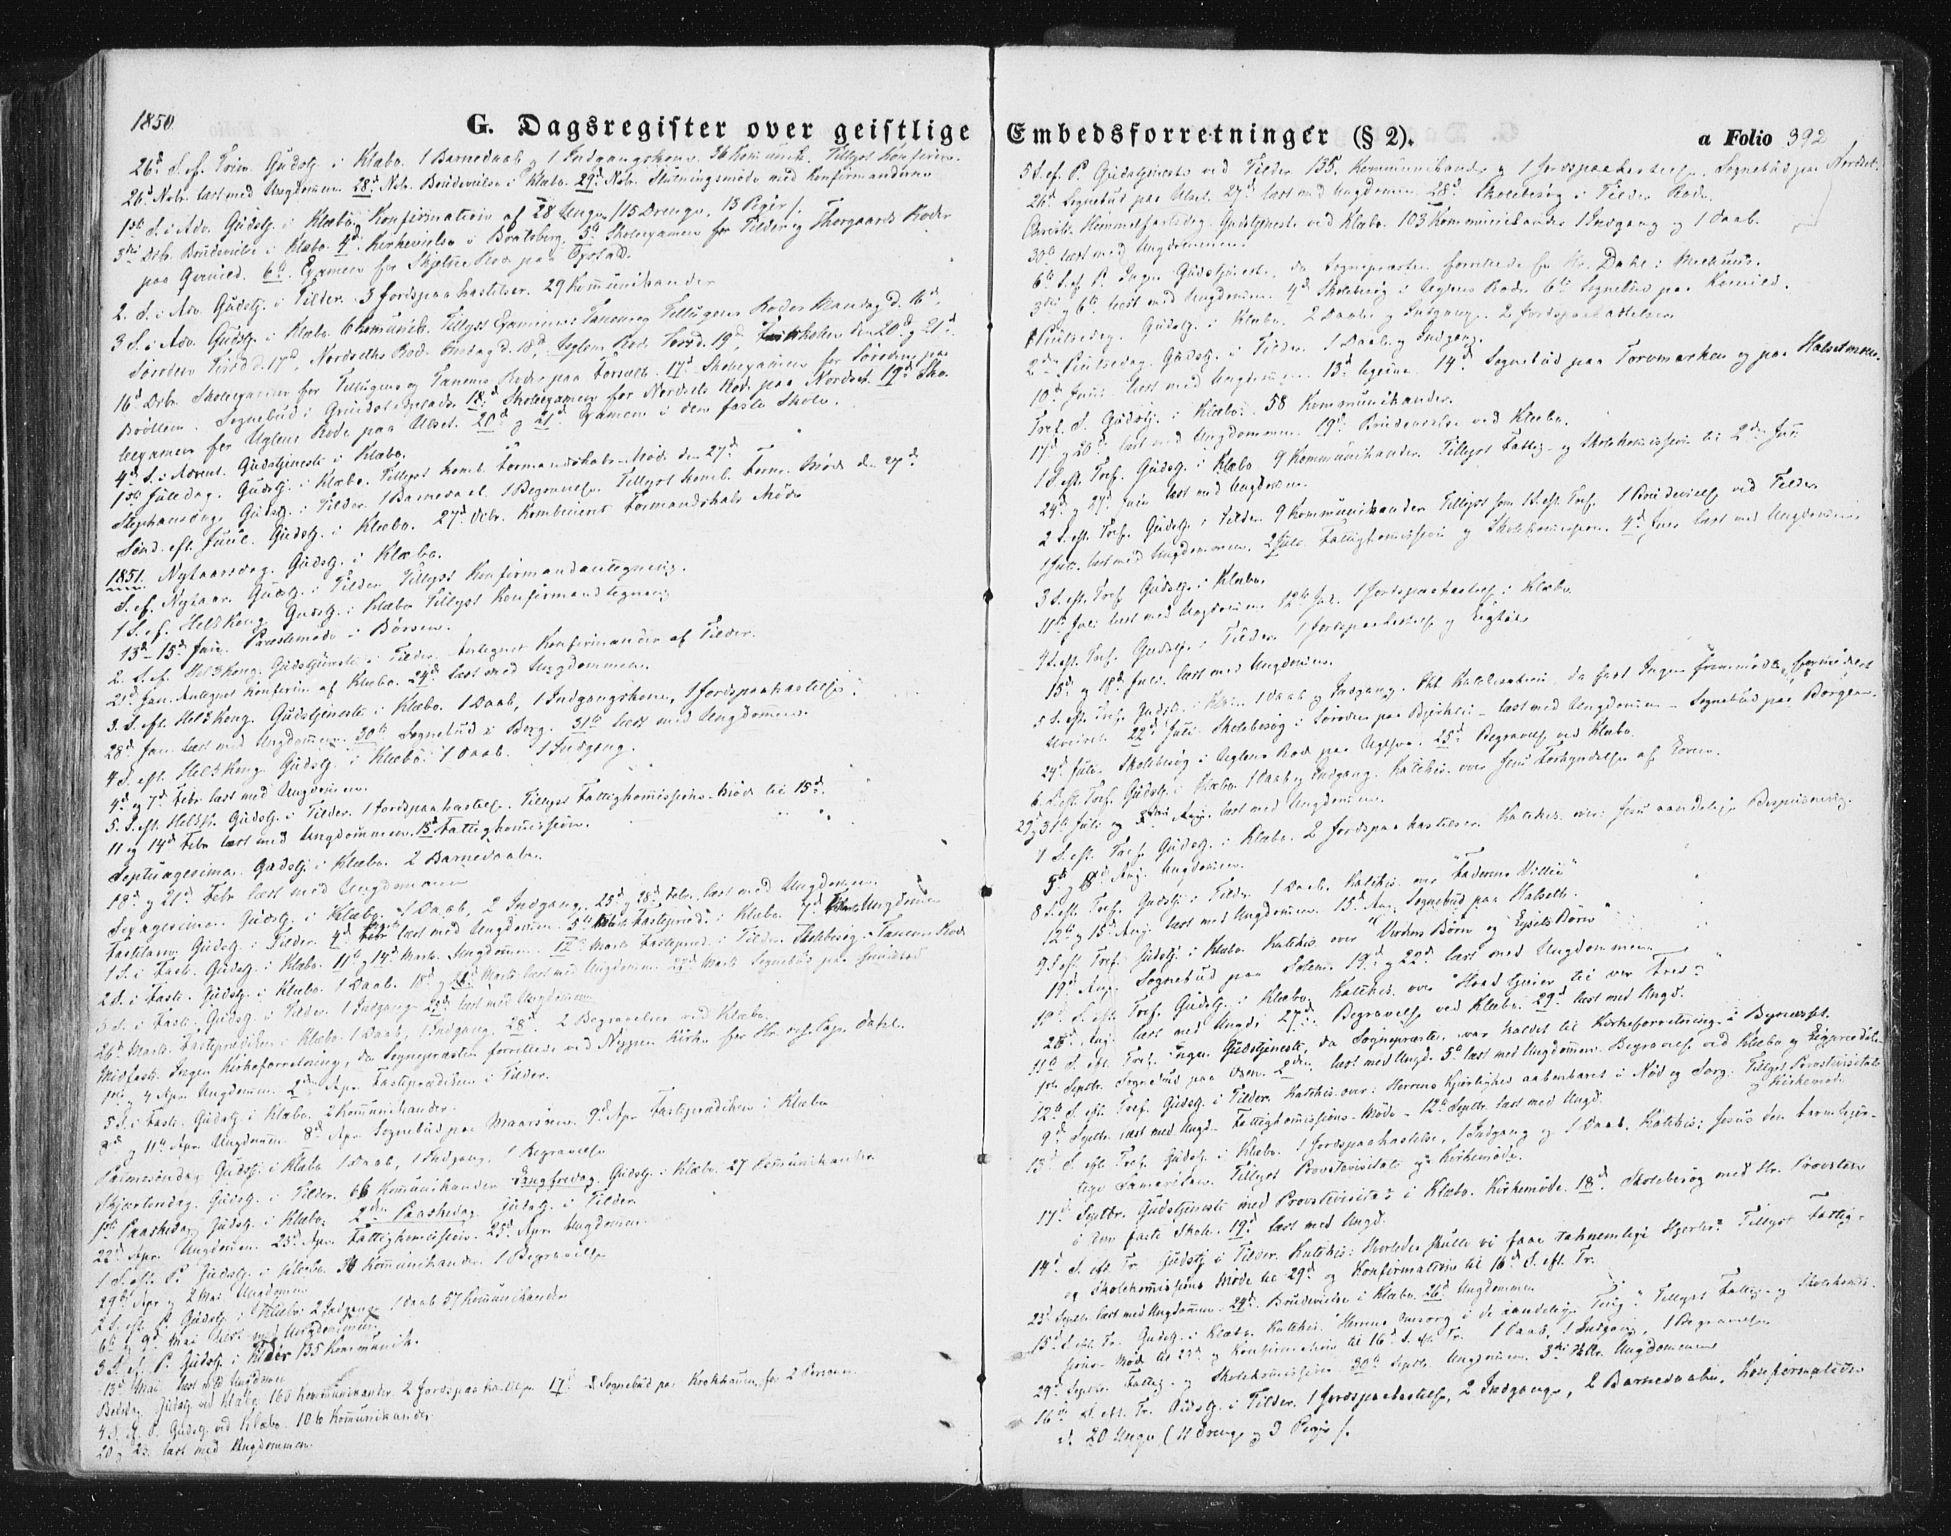 SAT, Ministerialprotokoller, klokkerbøker og fødselsregistre - Sør-Trøndelag, 618/L0441: Ministerialbok nr. 618A05, 1843-1862, s. 392